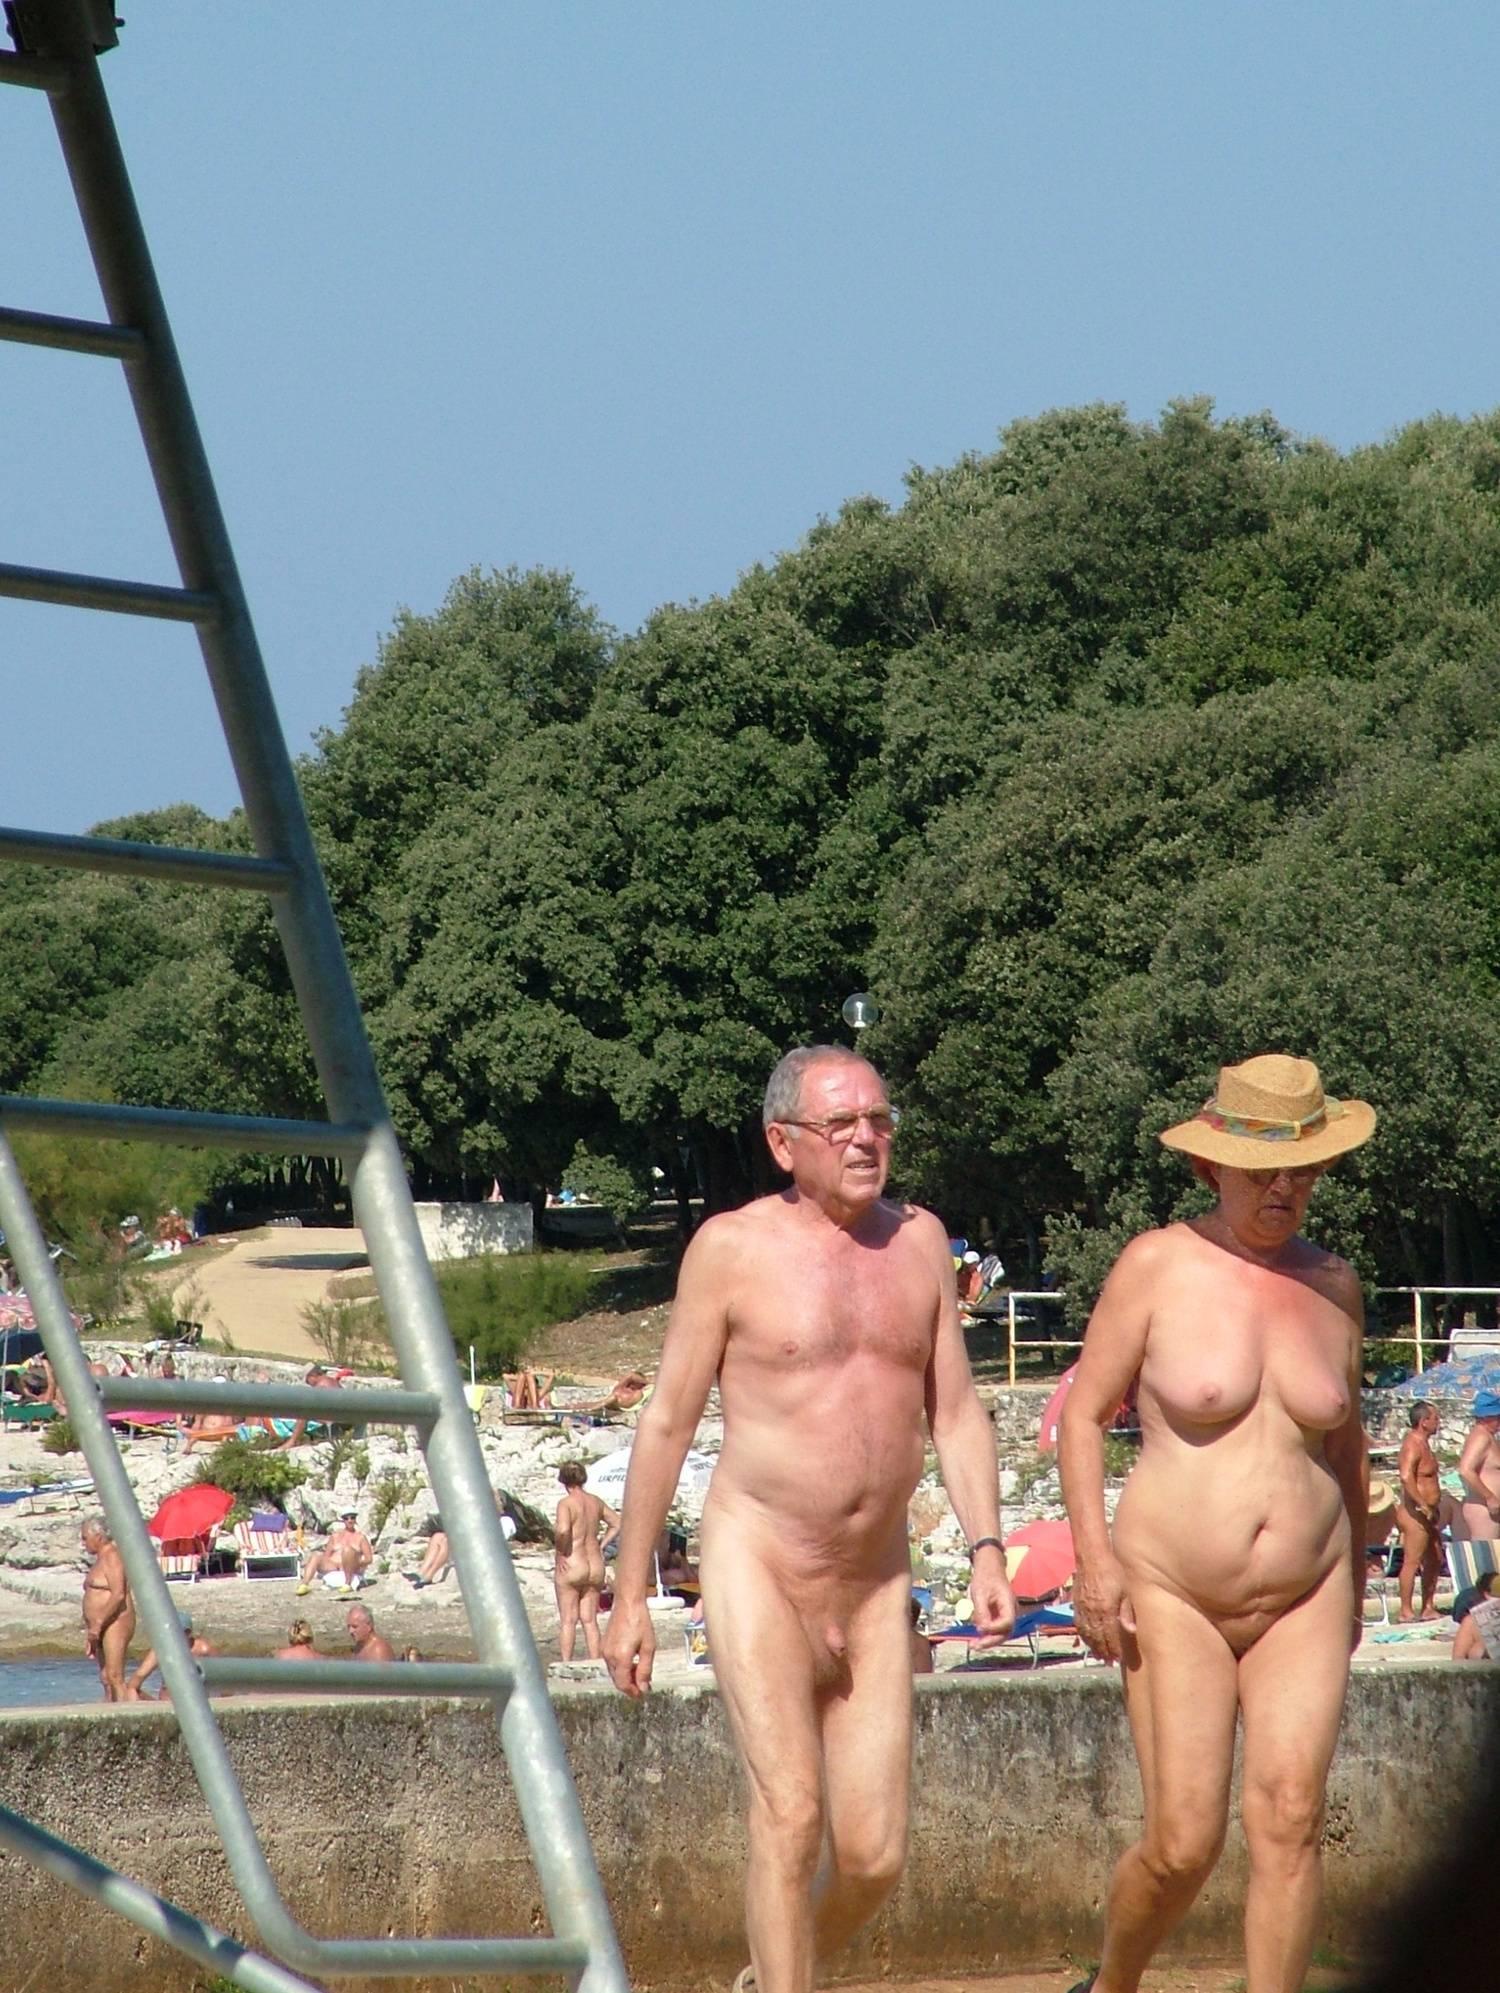 Nudist Photos Sunny FKK Bridge Cross - 2